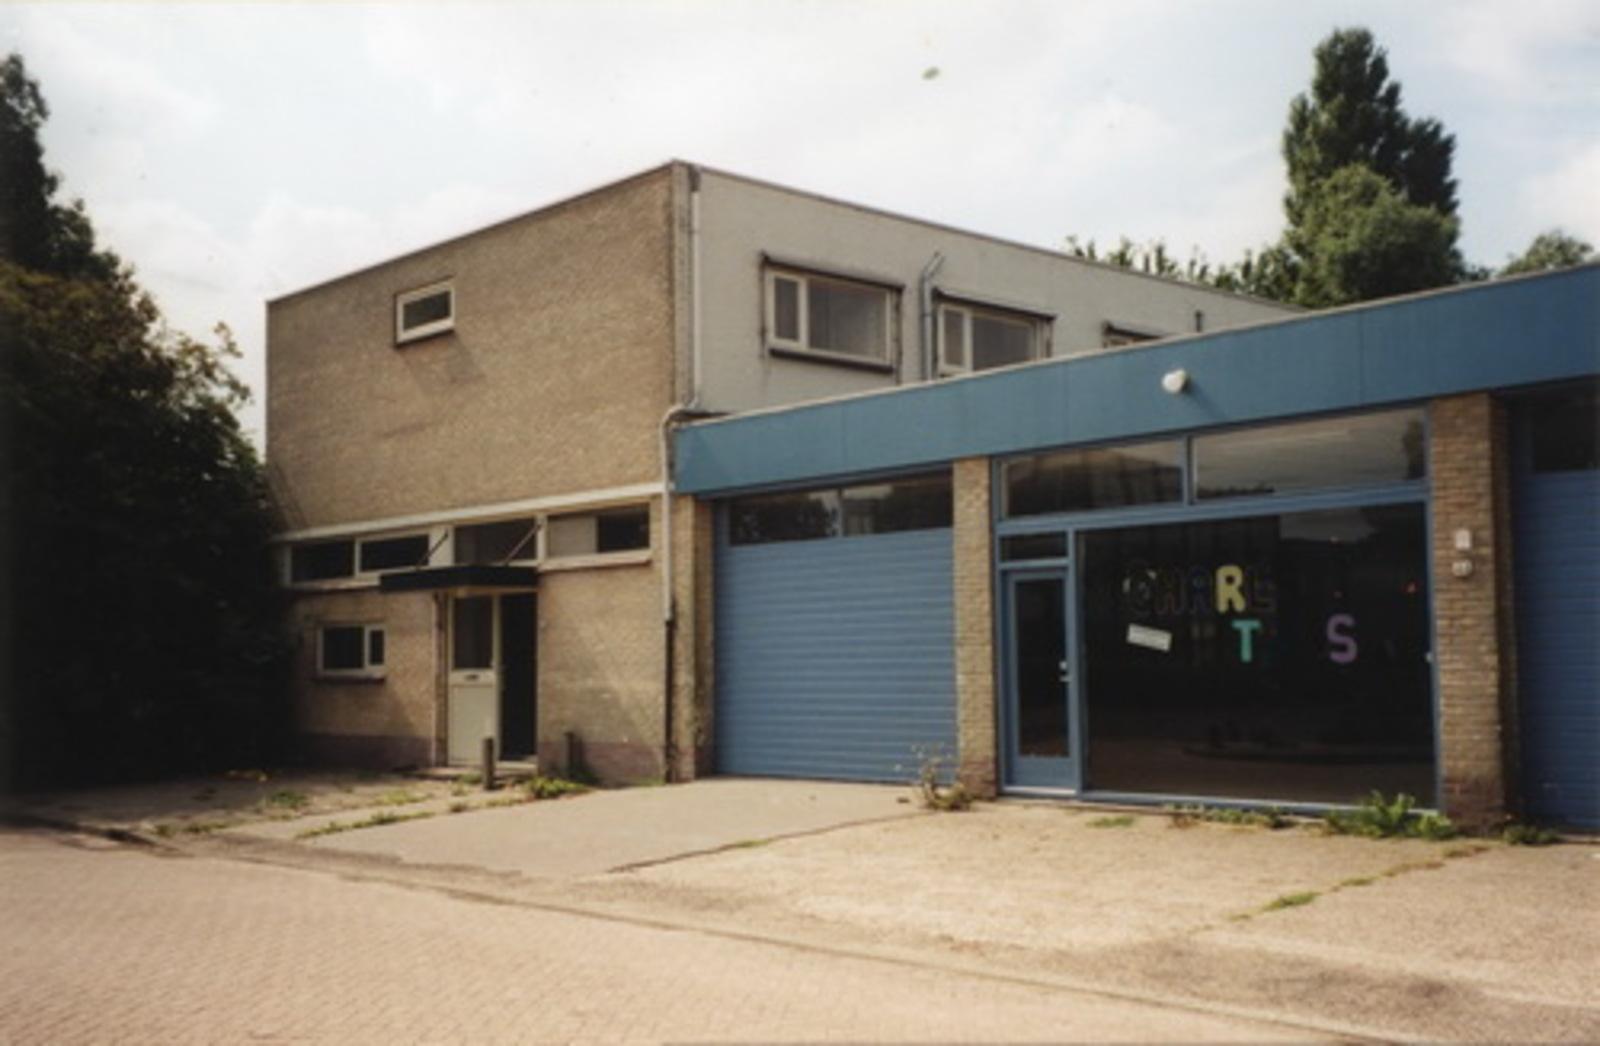 Wijkmeerstraat 0042 1998 Kantoor en Bedrijfspand 03